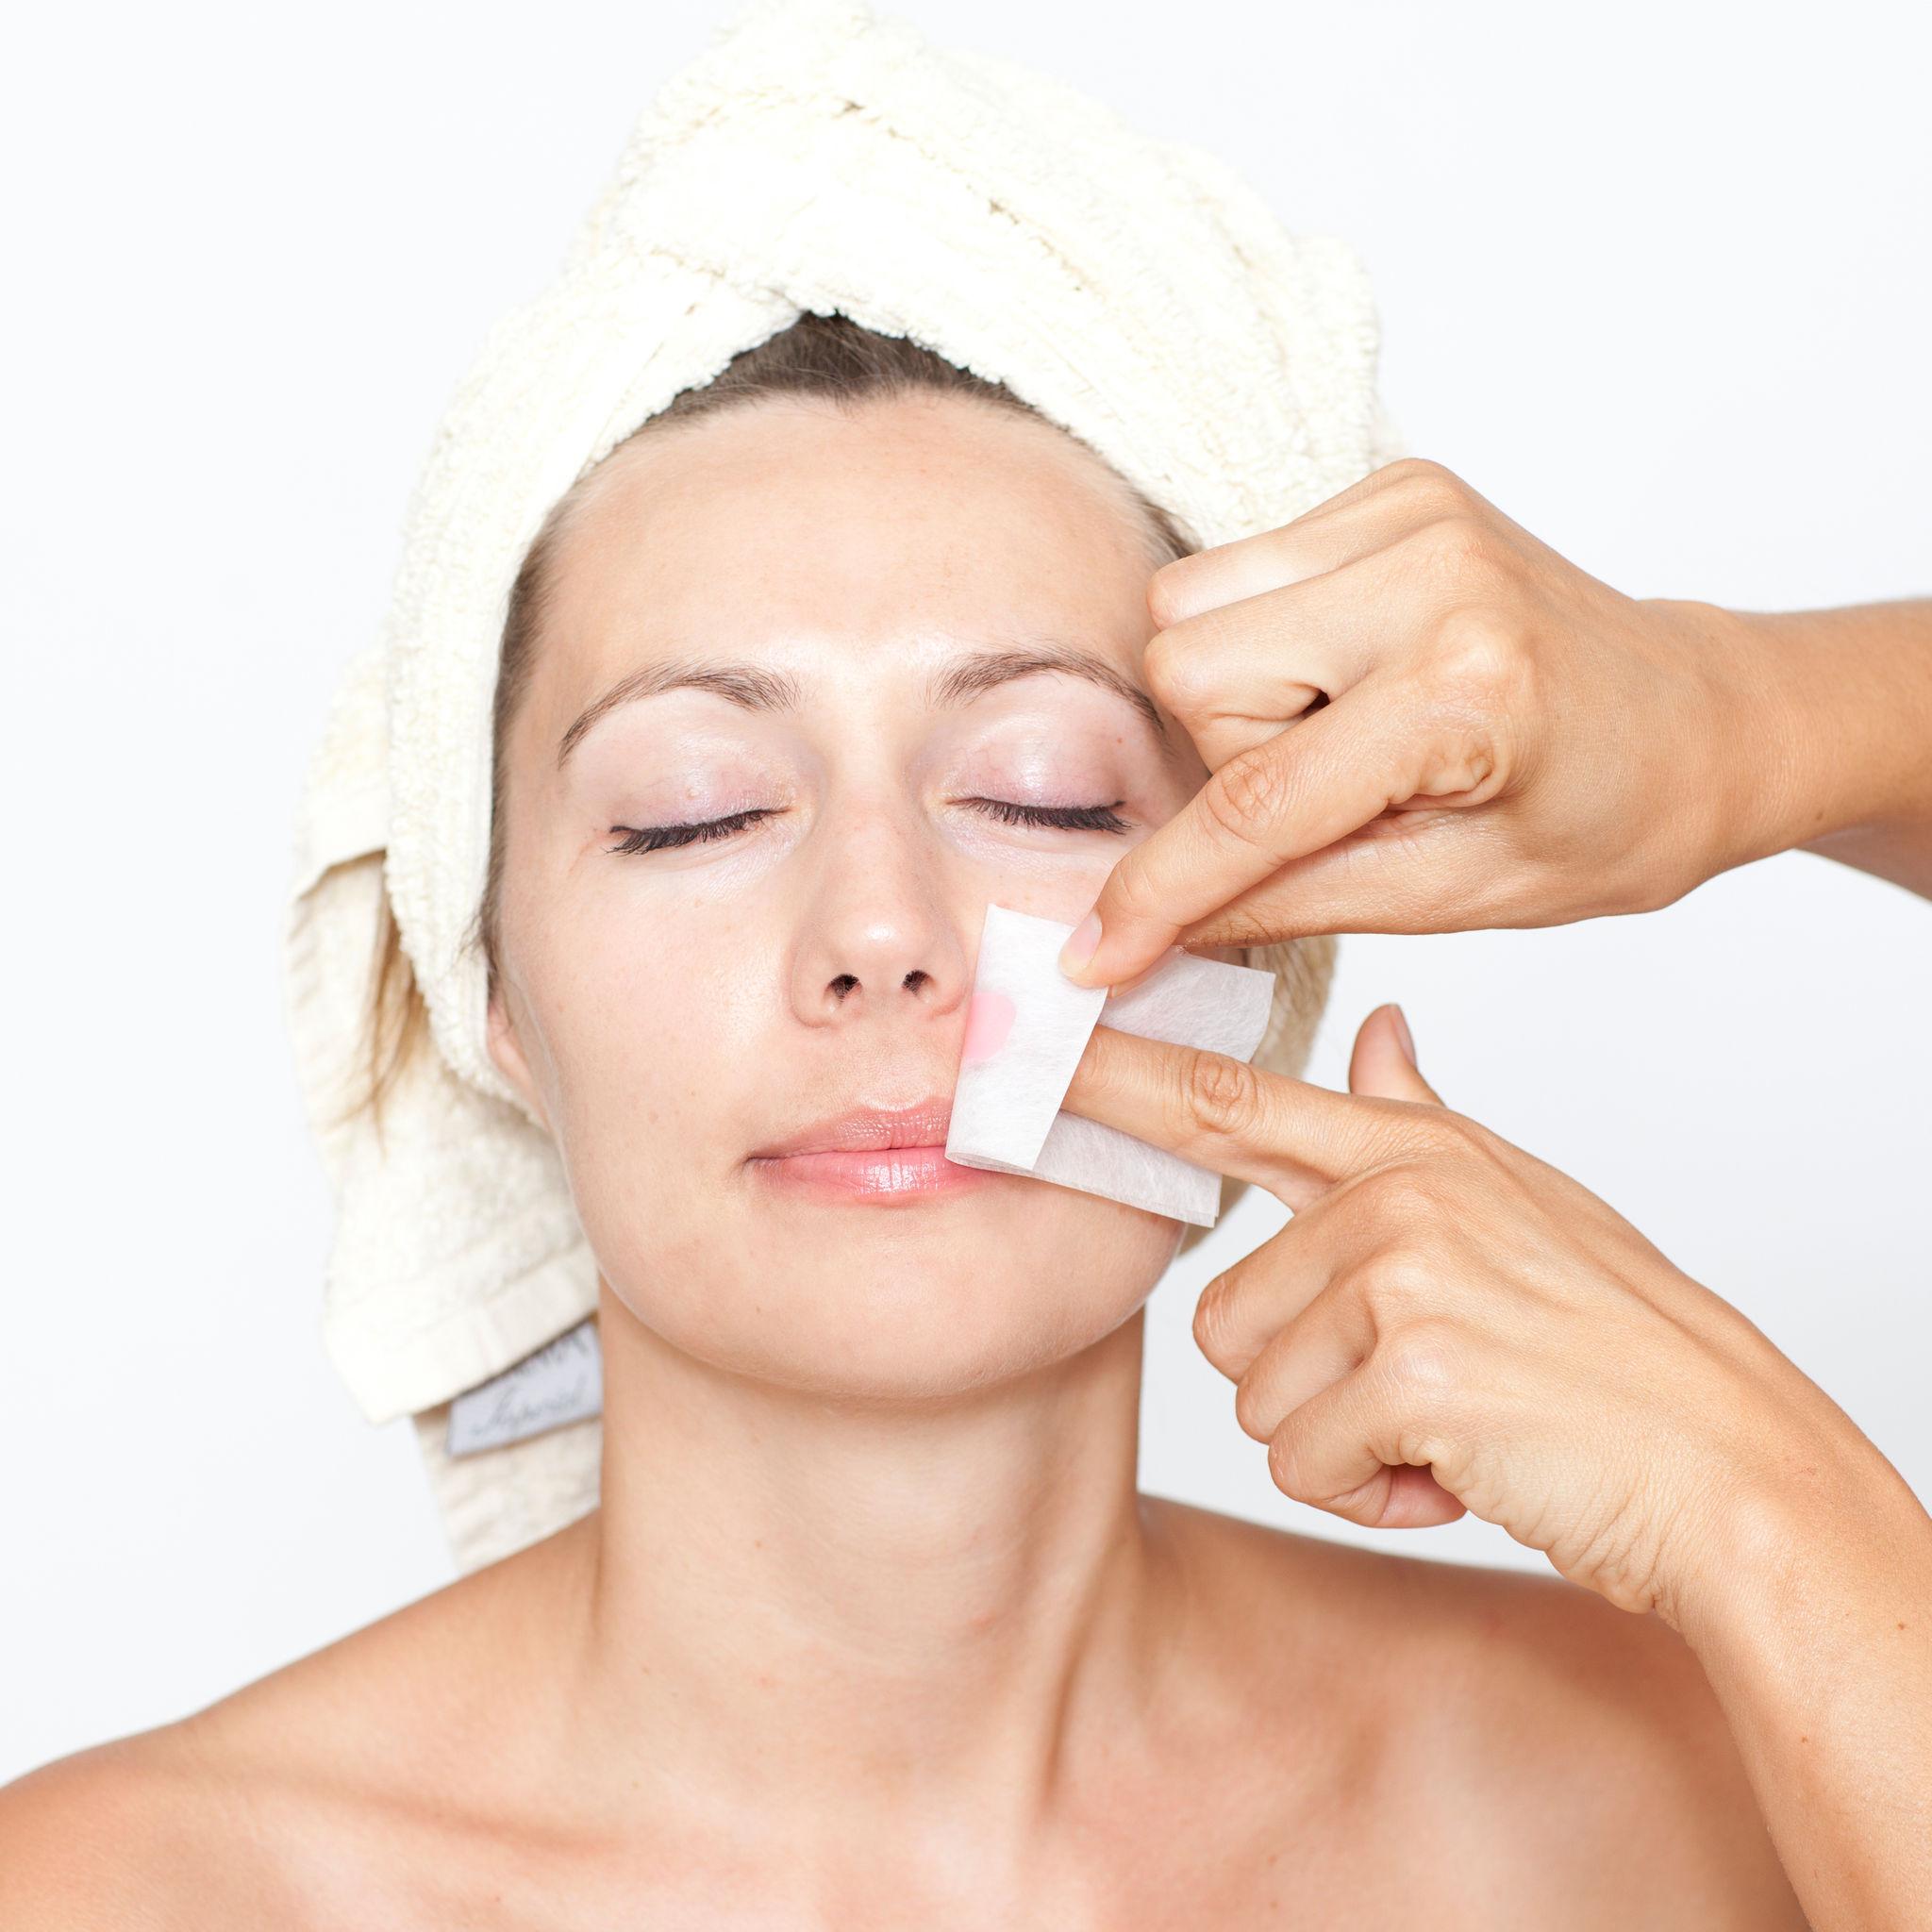 24921013 - remove facial hair